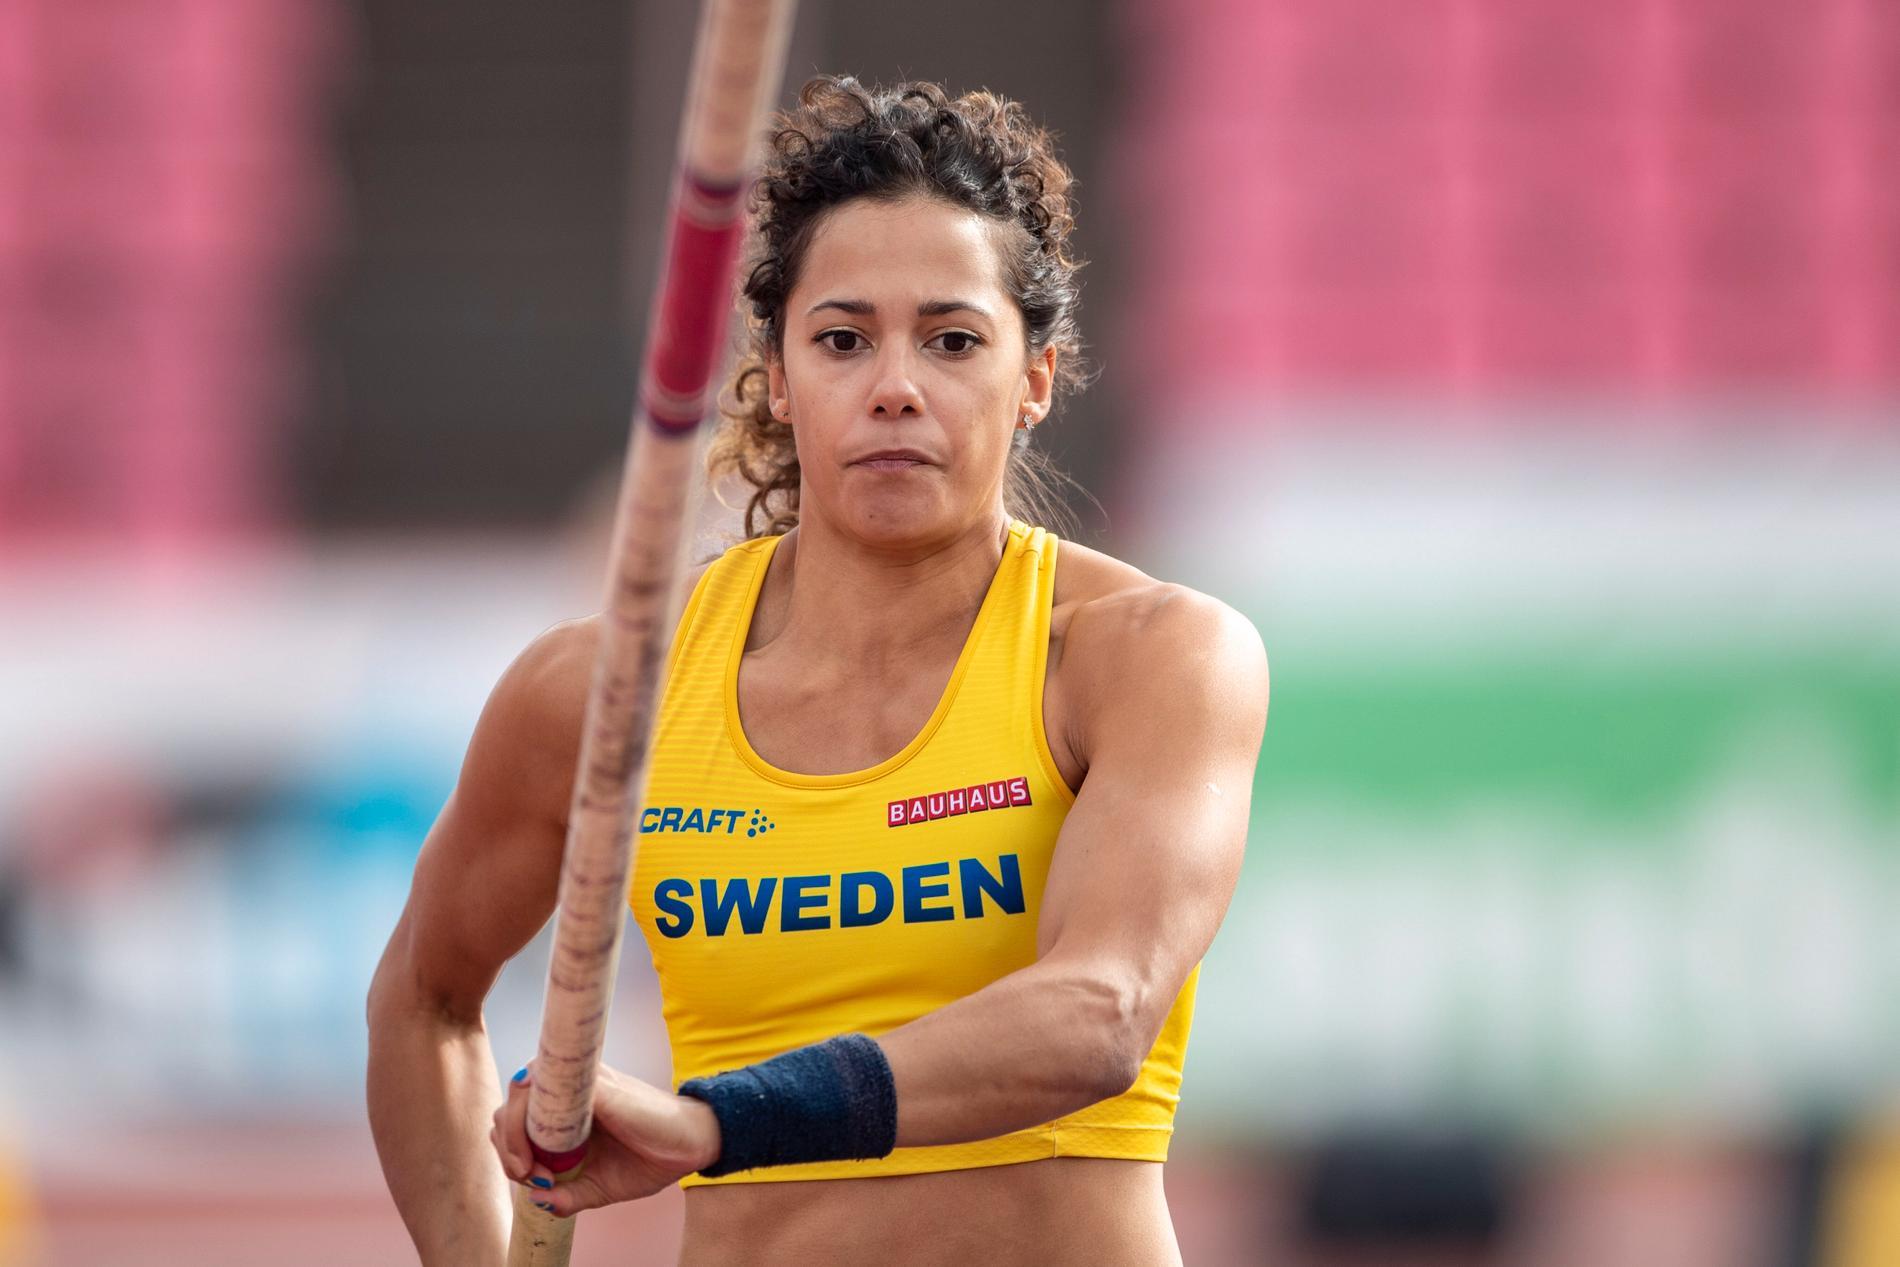 Damernas OS-final i stavhopp med Angelica Bengtsson avgörs 5 augusti.